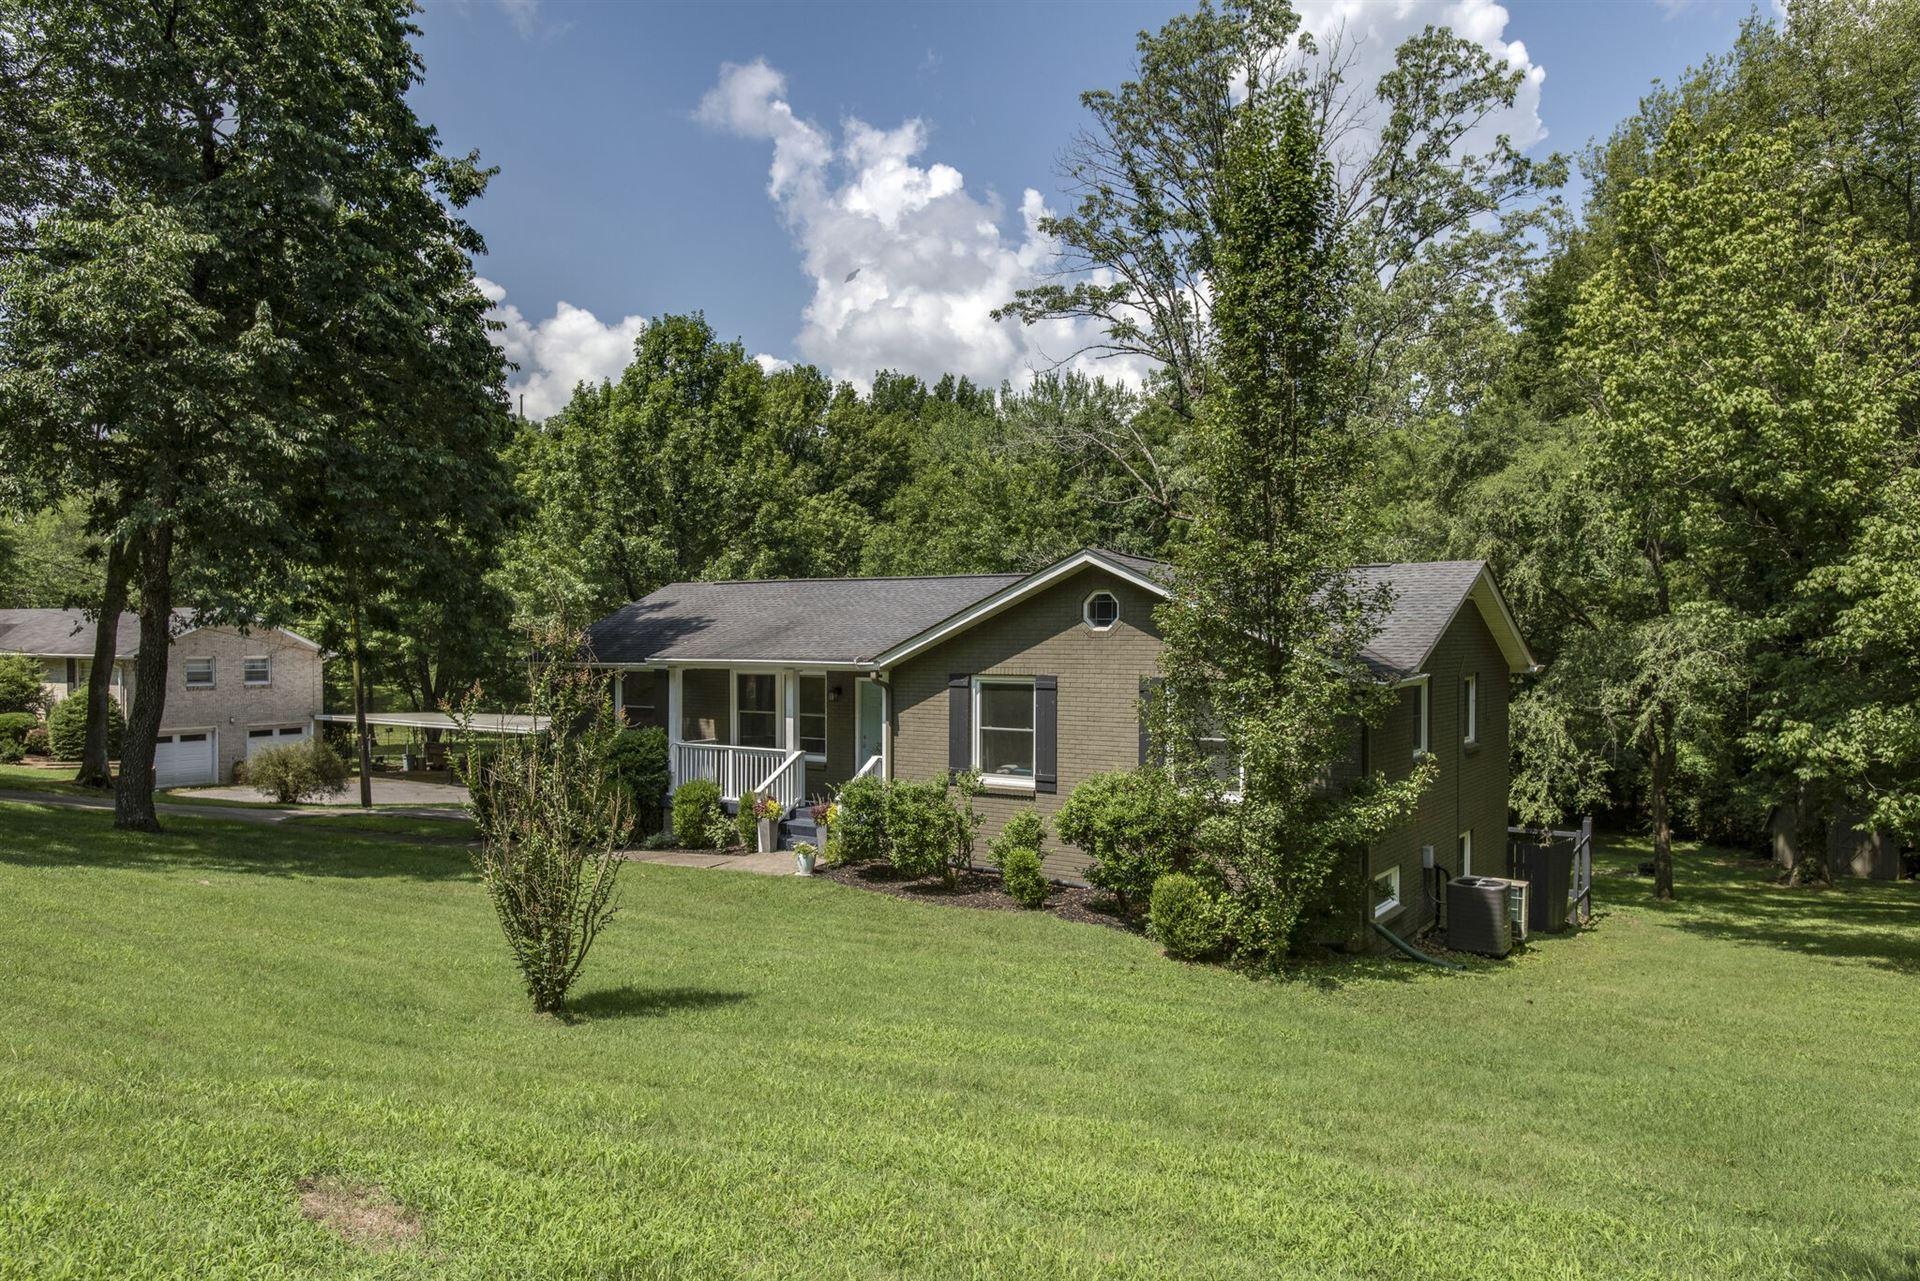 Photo of 758 Rhonda Ln, Nashville, TN 37205 (MLS # 2168377)